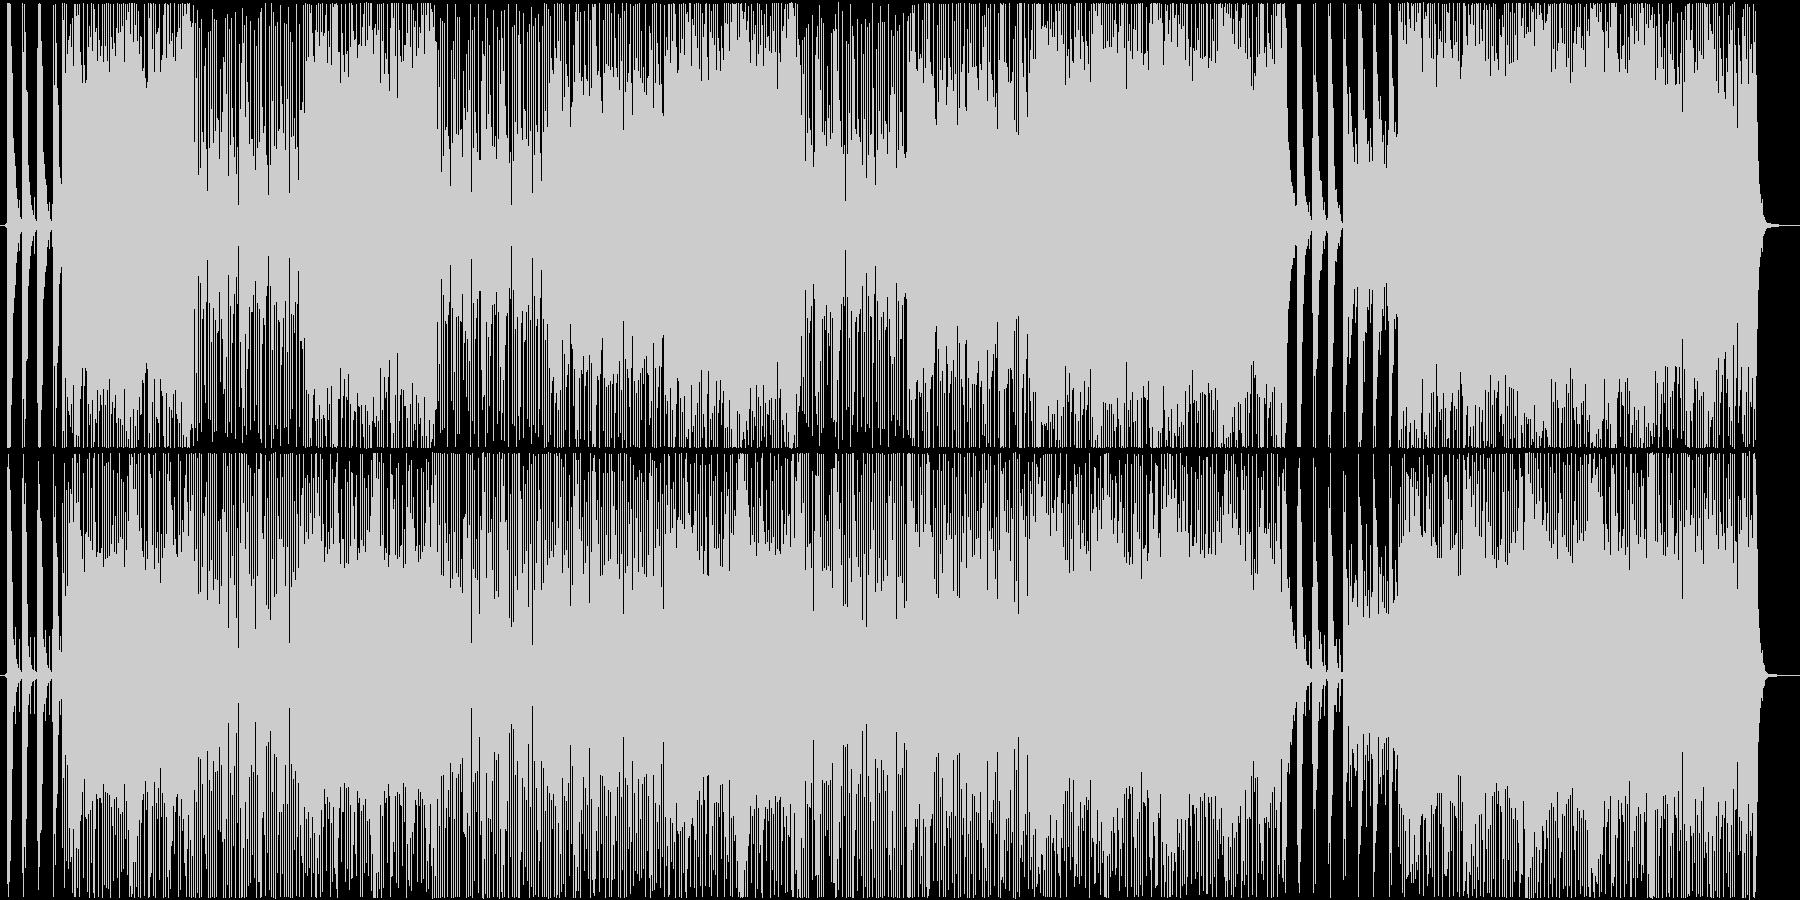 スリル満点のスカ風ロック♪の未再生の波形